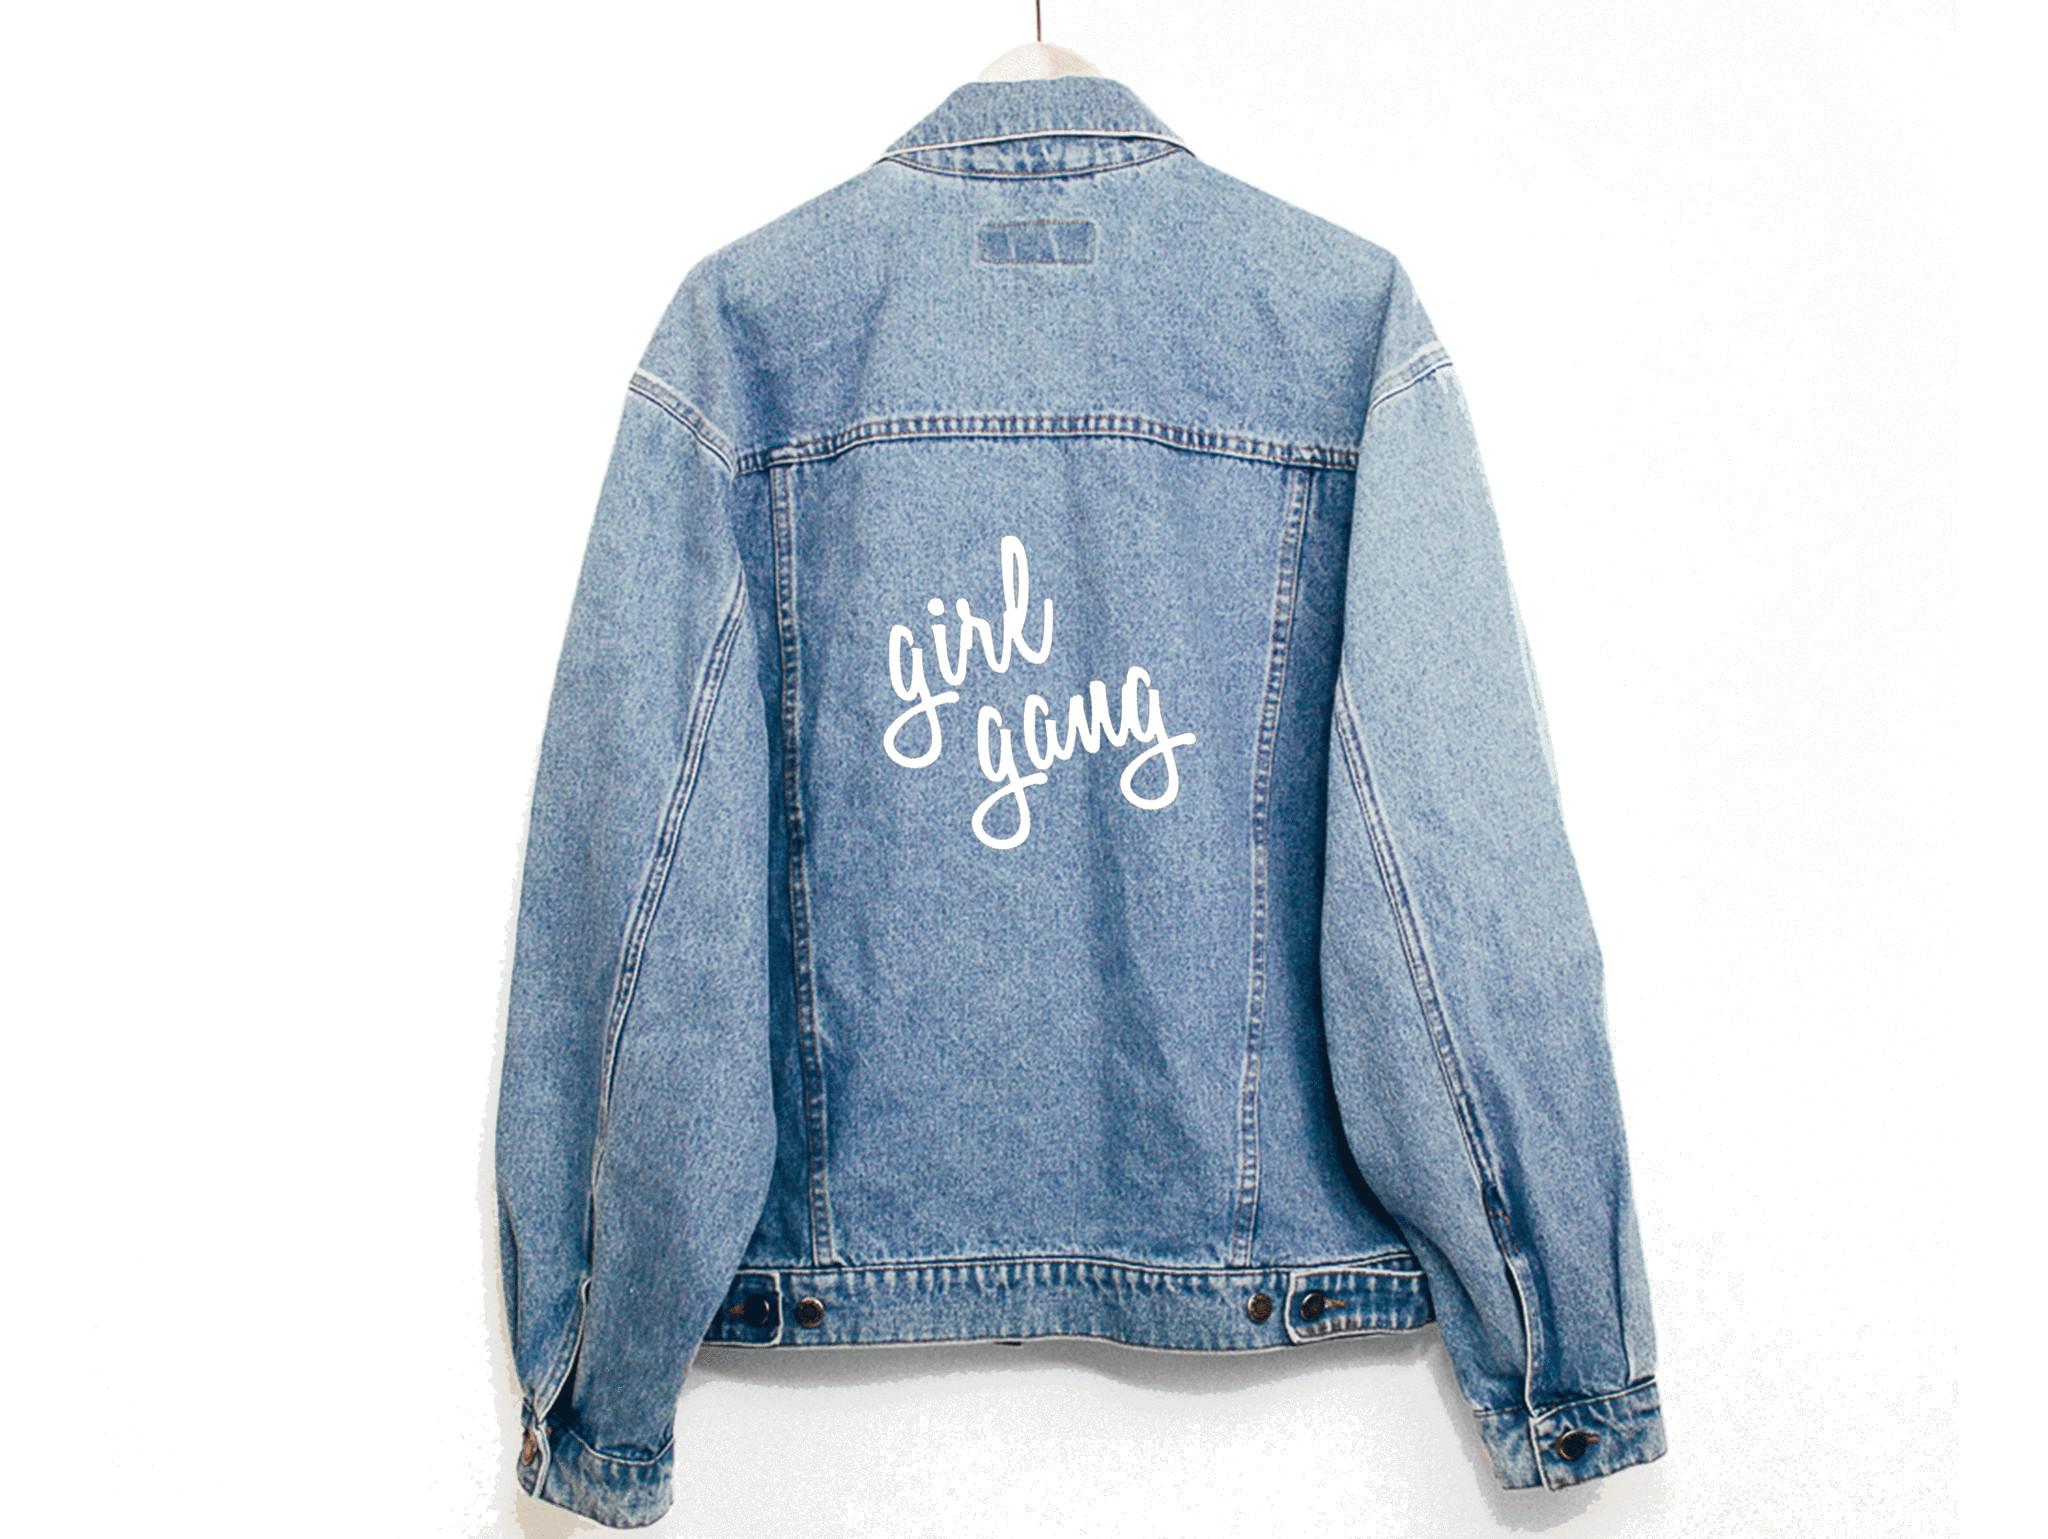 Jeans Jacket PNG Download Image.